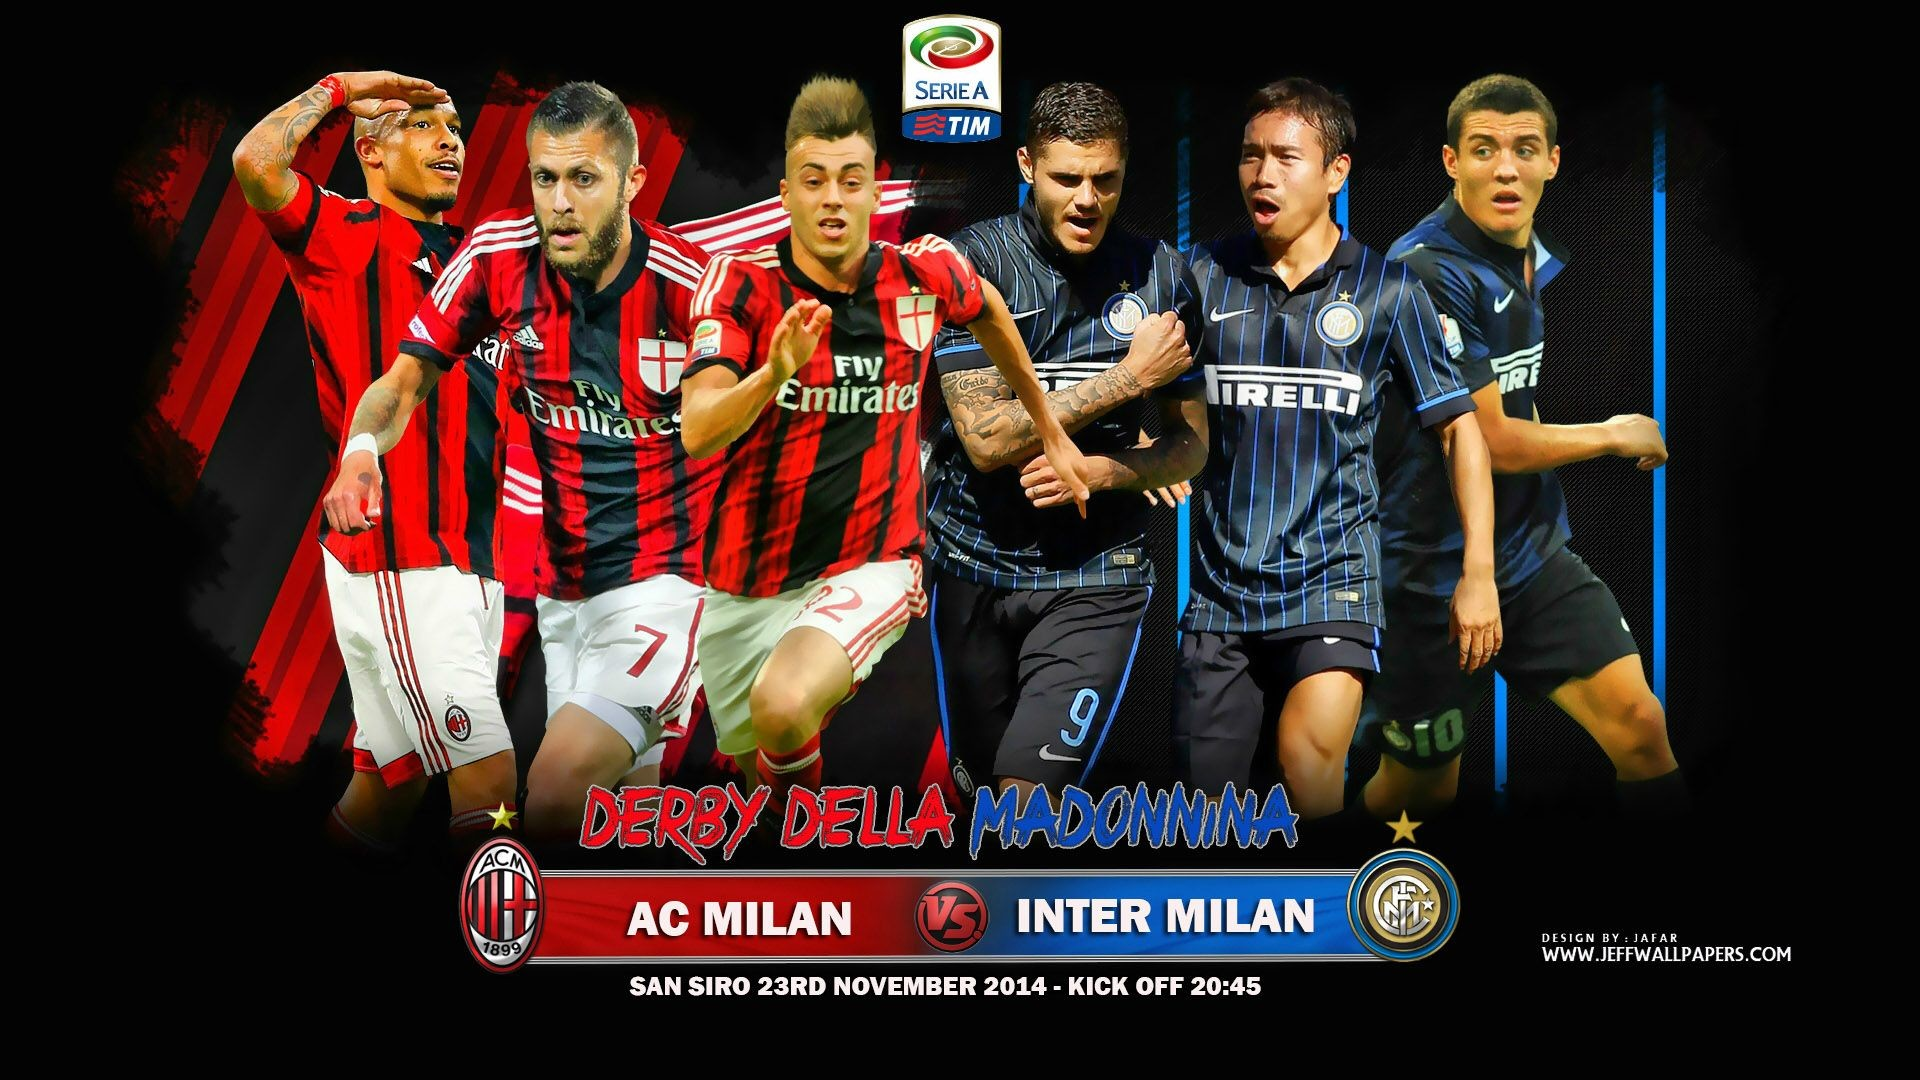 Ac Milan Wallpaper HD 66 Images